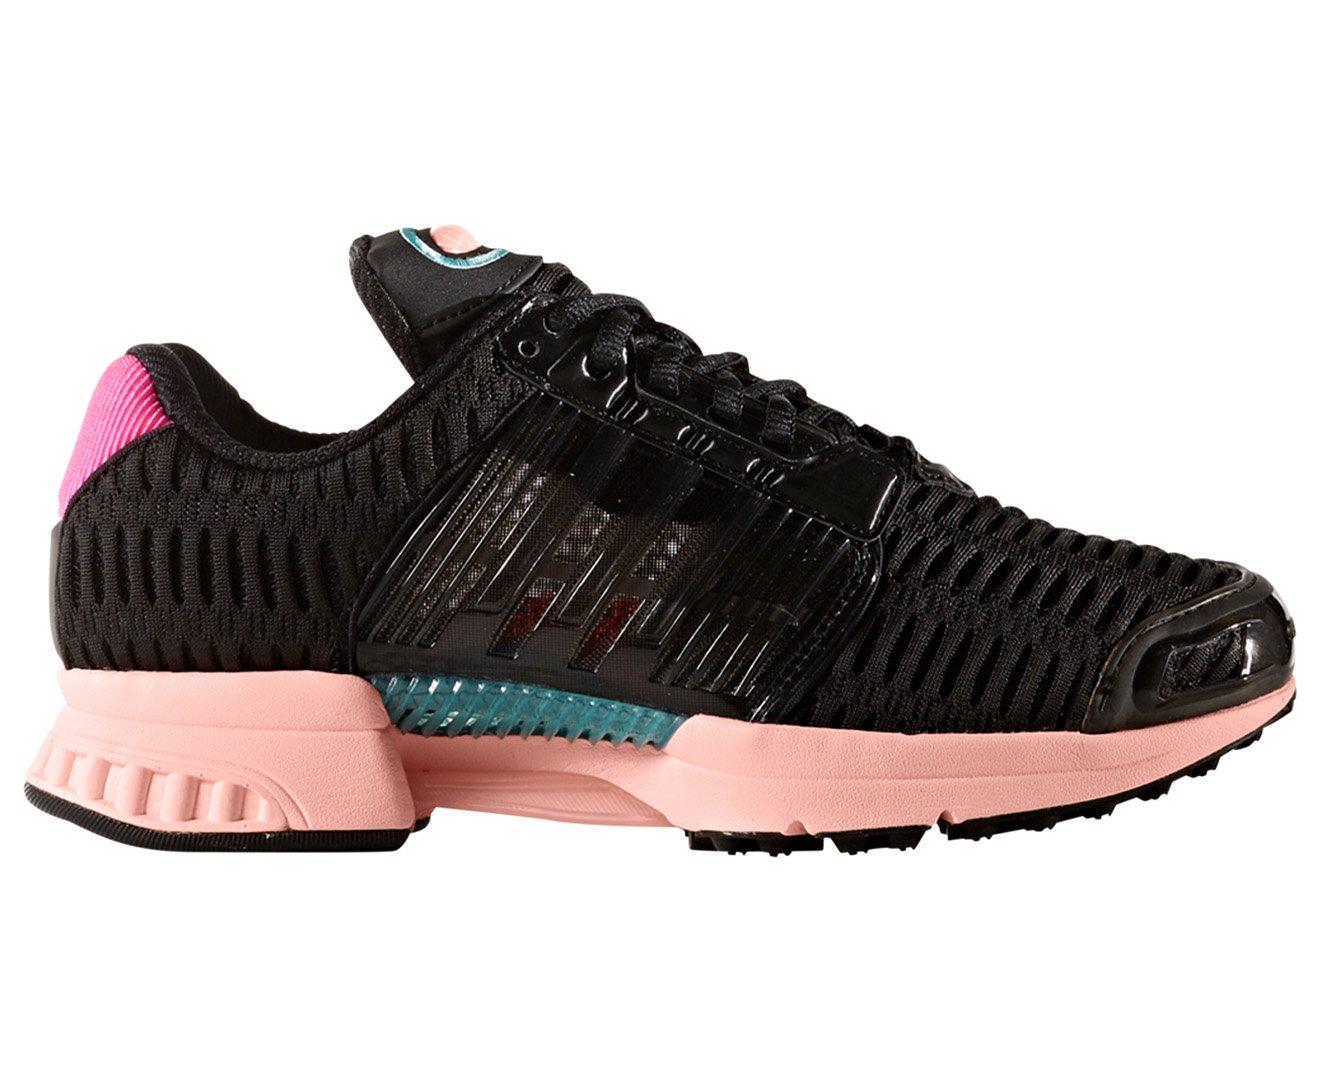 info for 349fe f6c78 ADIDAS ORIGINALS Adidas Originals Womens Climacool 1 Shoe Core BlackHaze  Amazon.com.au Fashion